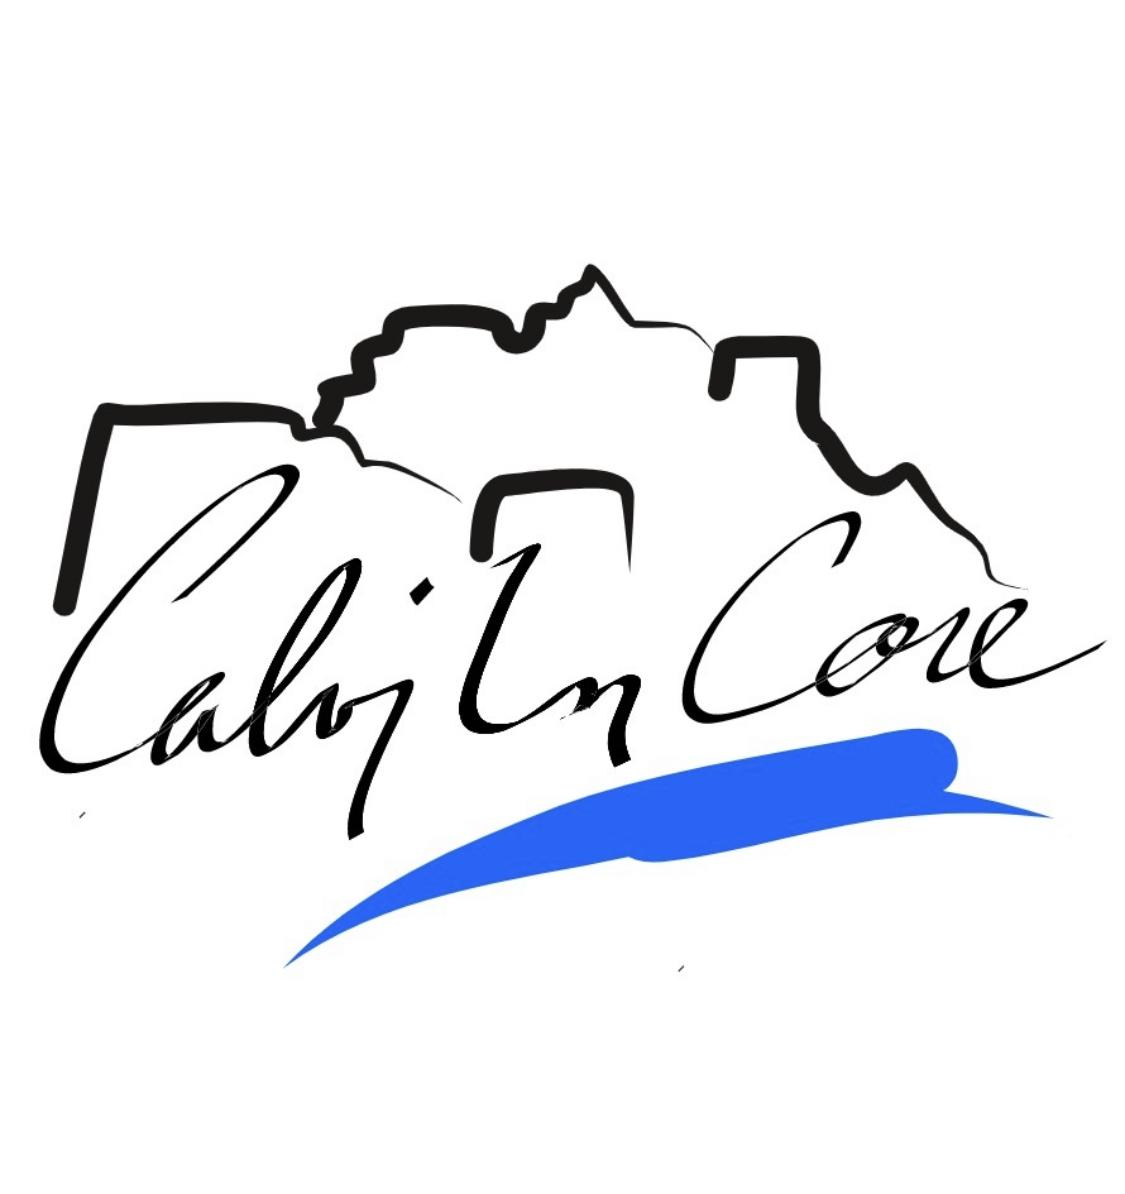 Covid-19 : Les propositions de Calvi in Core pour gérer la crise sanitaire